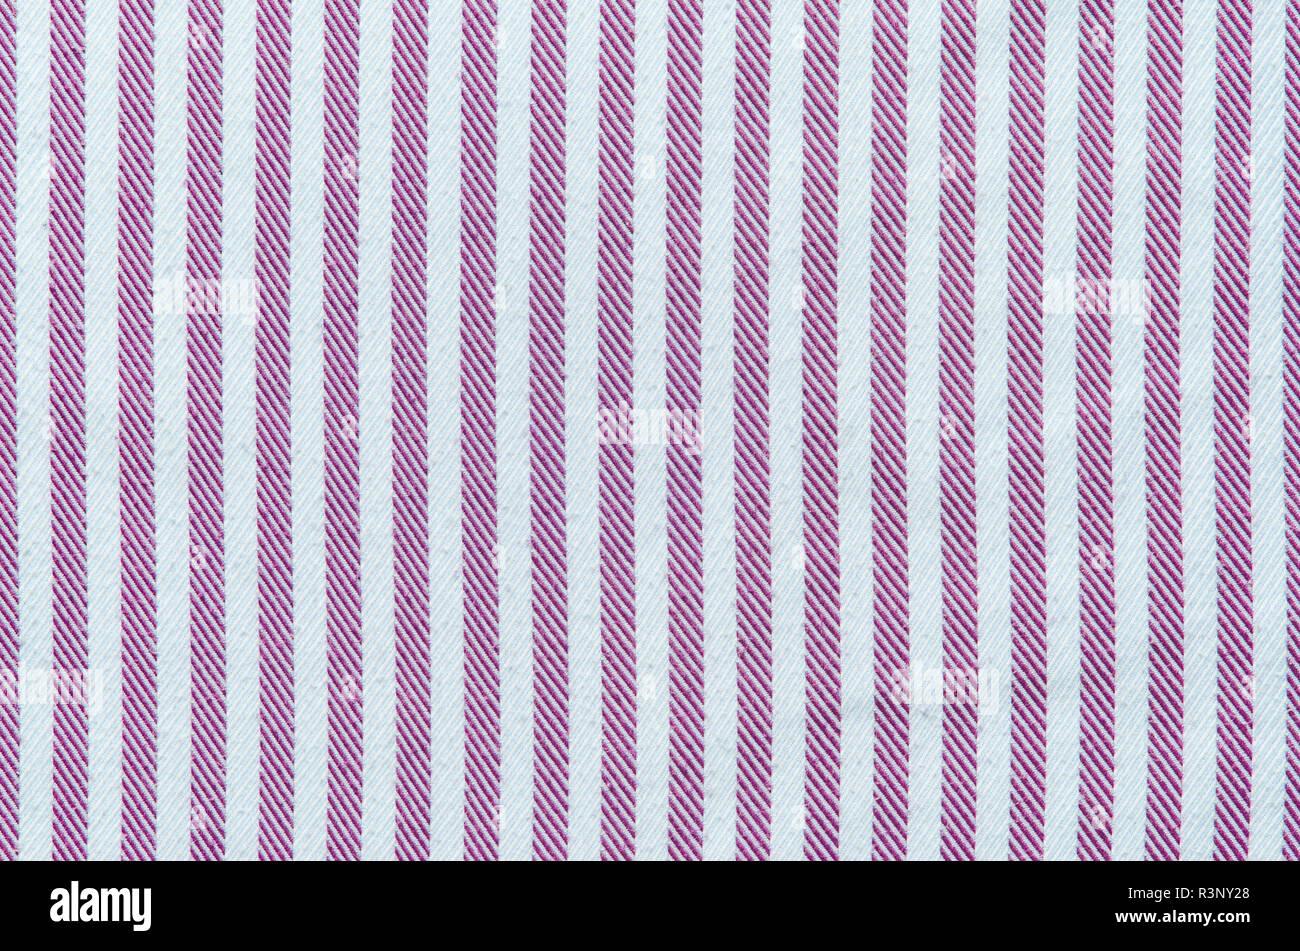 a0a6ce5255 La textura de la tela a rayas. Los textiles para camisas de rayas de color